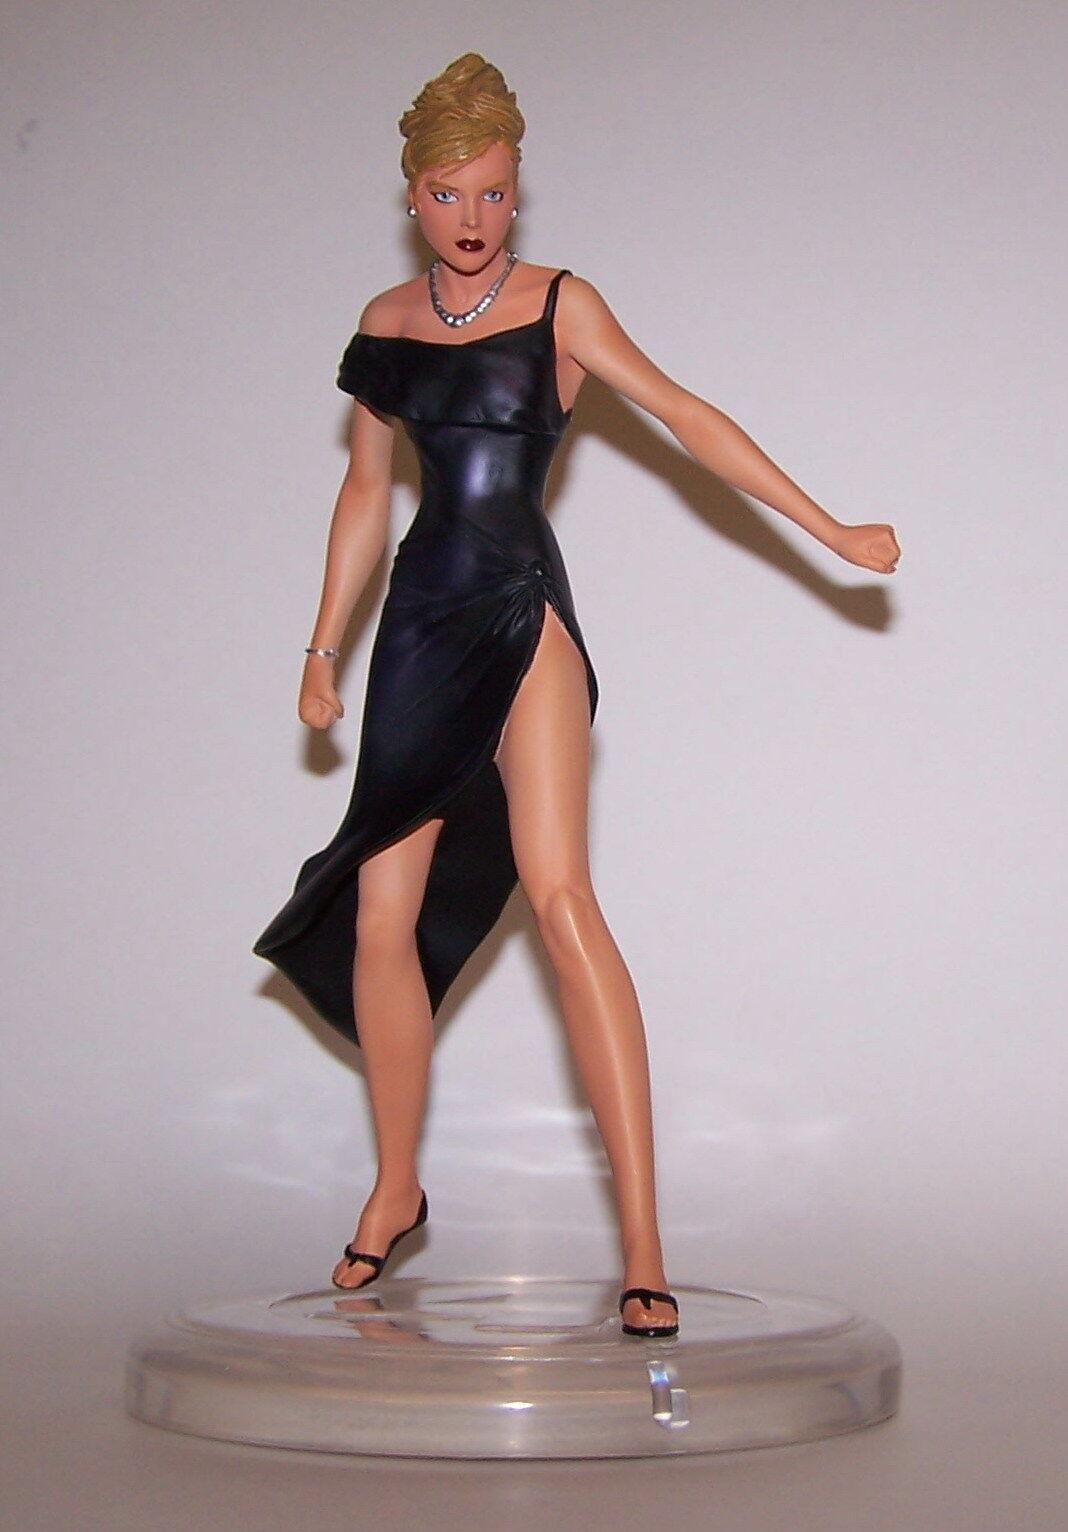 venta de ofertas Sue Storm Storm Storm ropa formal Estatua Edición Limitada 516 1000 Nuevo En Caja Marvel 2007  calidad de primera clase